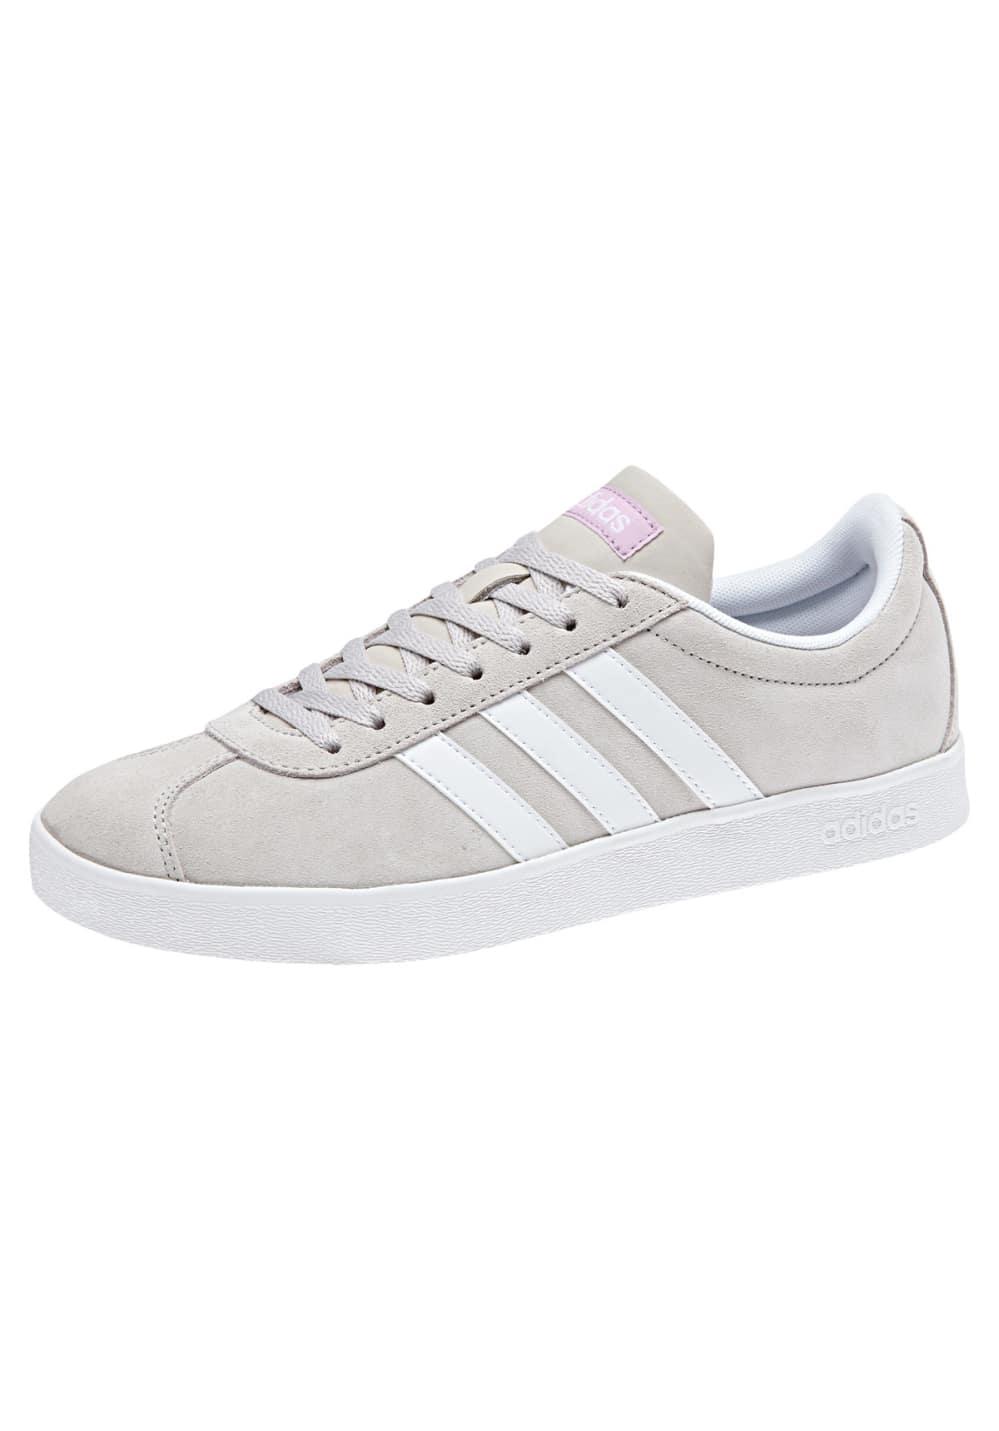 adidas neo VL Court 2.0 - Sneaker für Damen - Grau